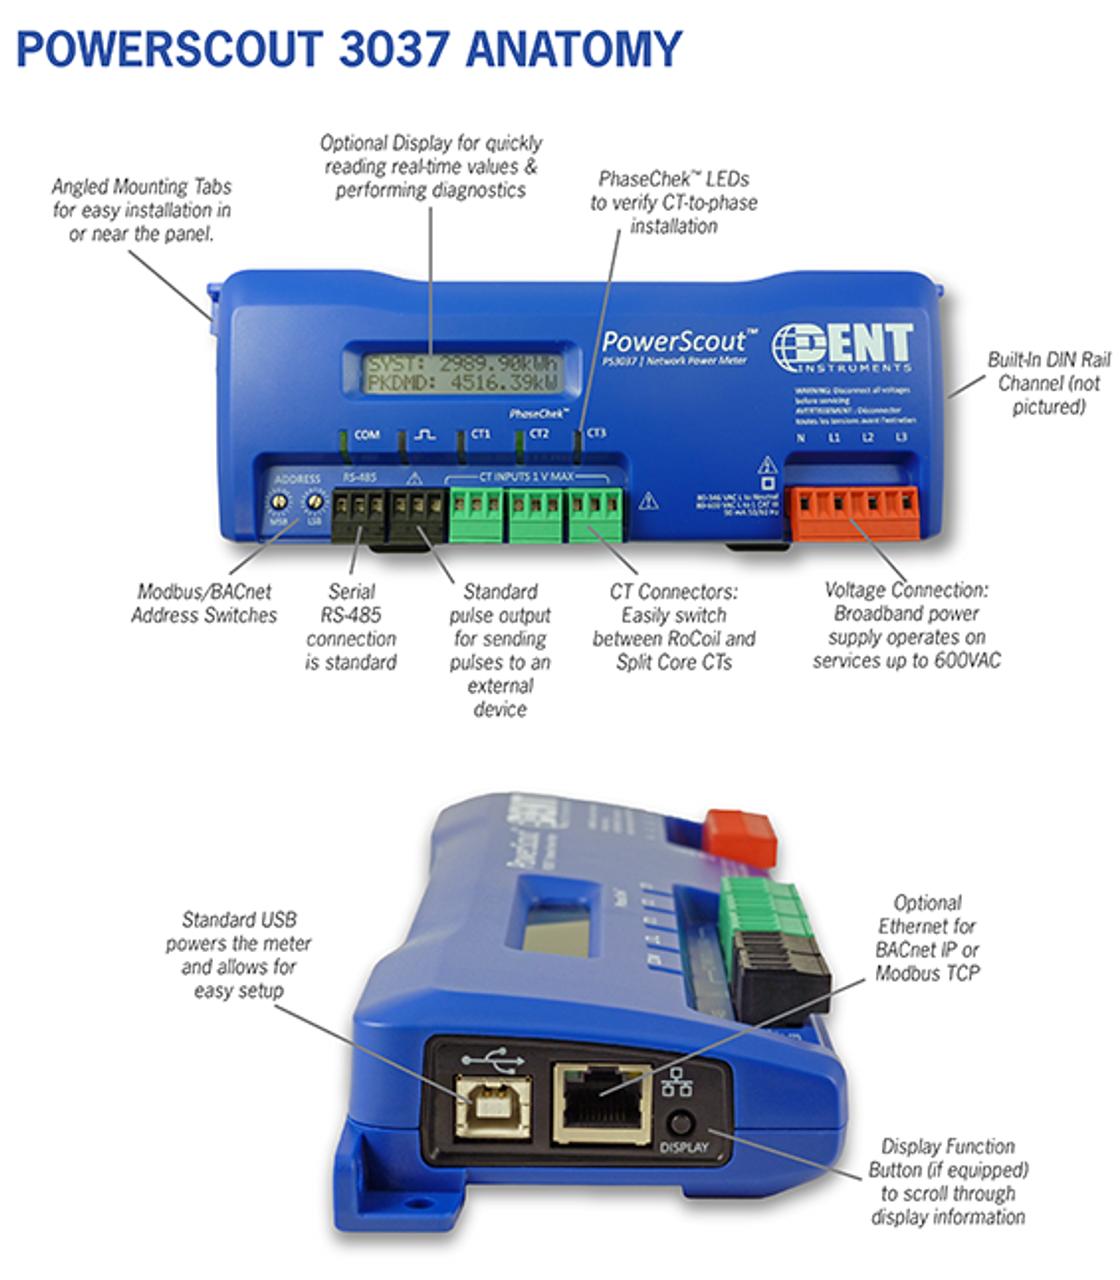 Dent PowerScout 3037 description.